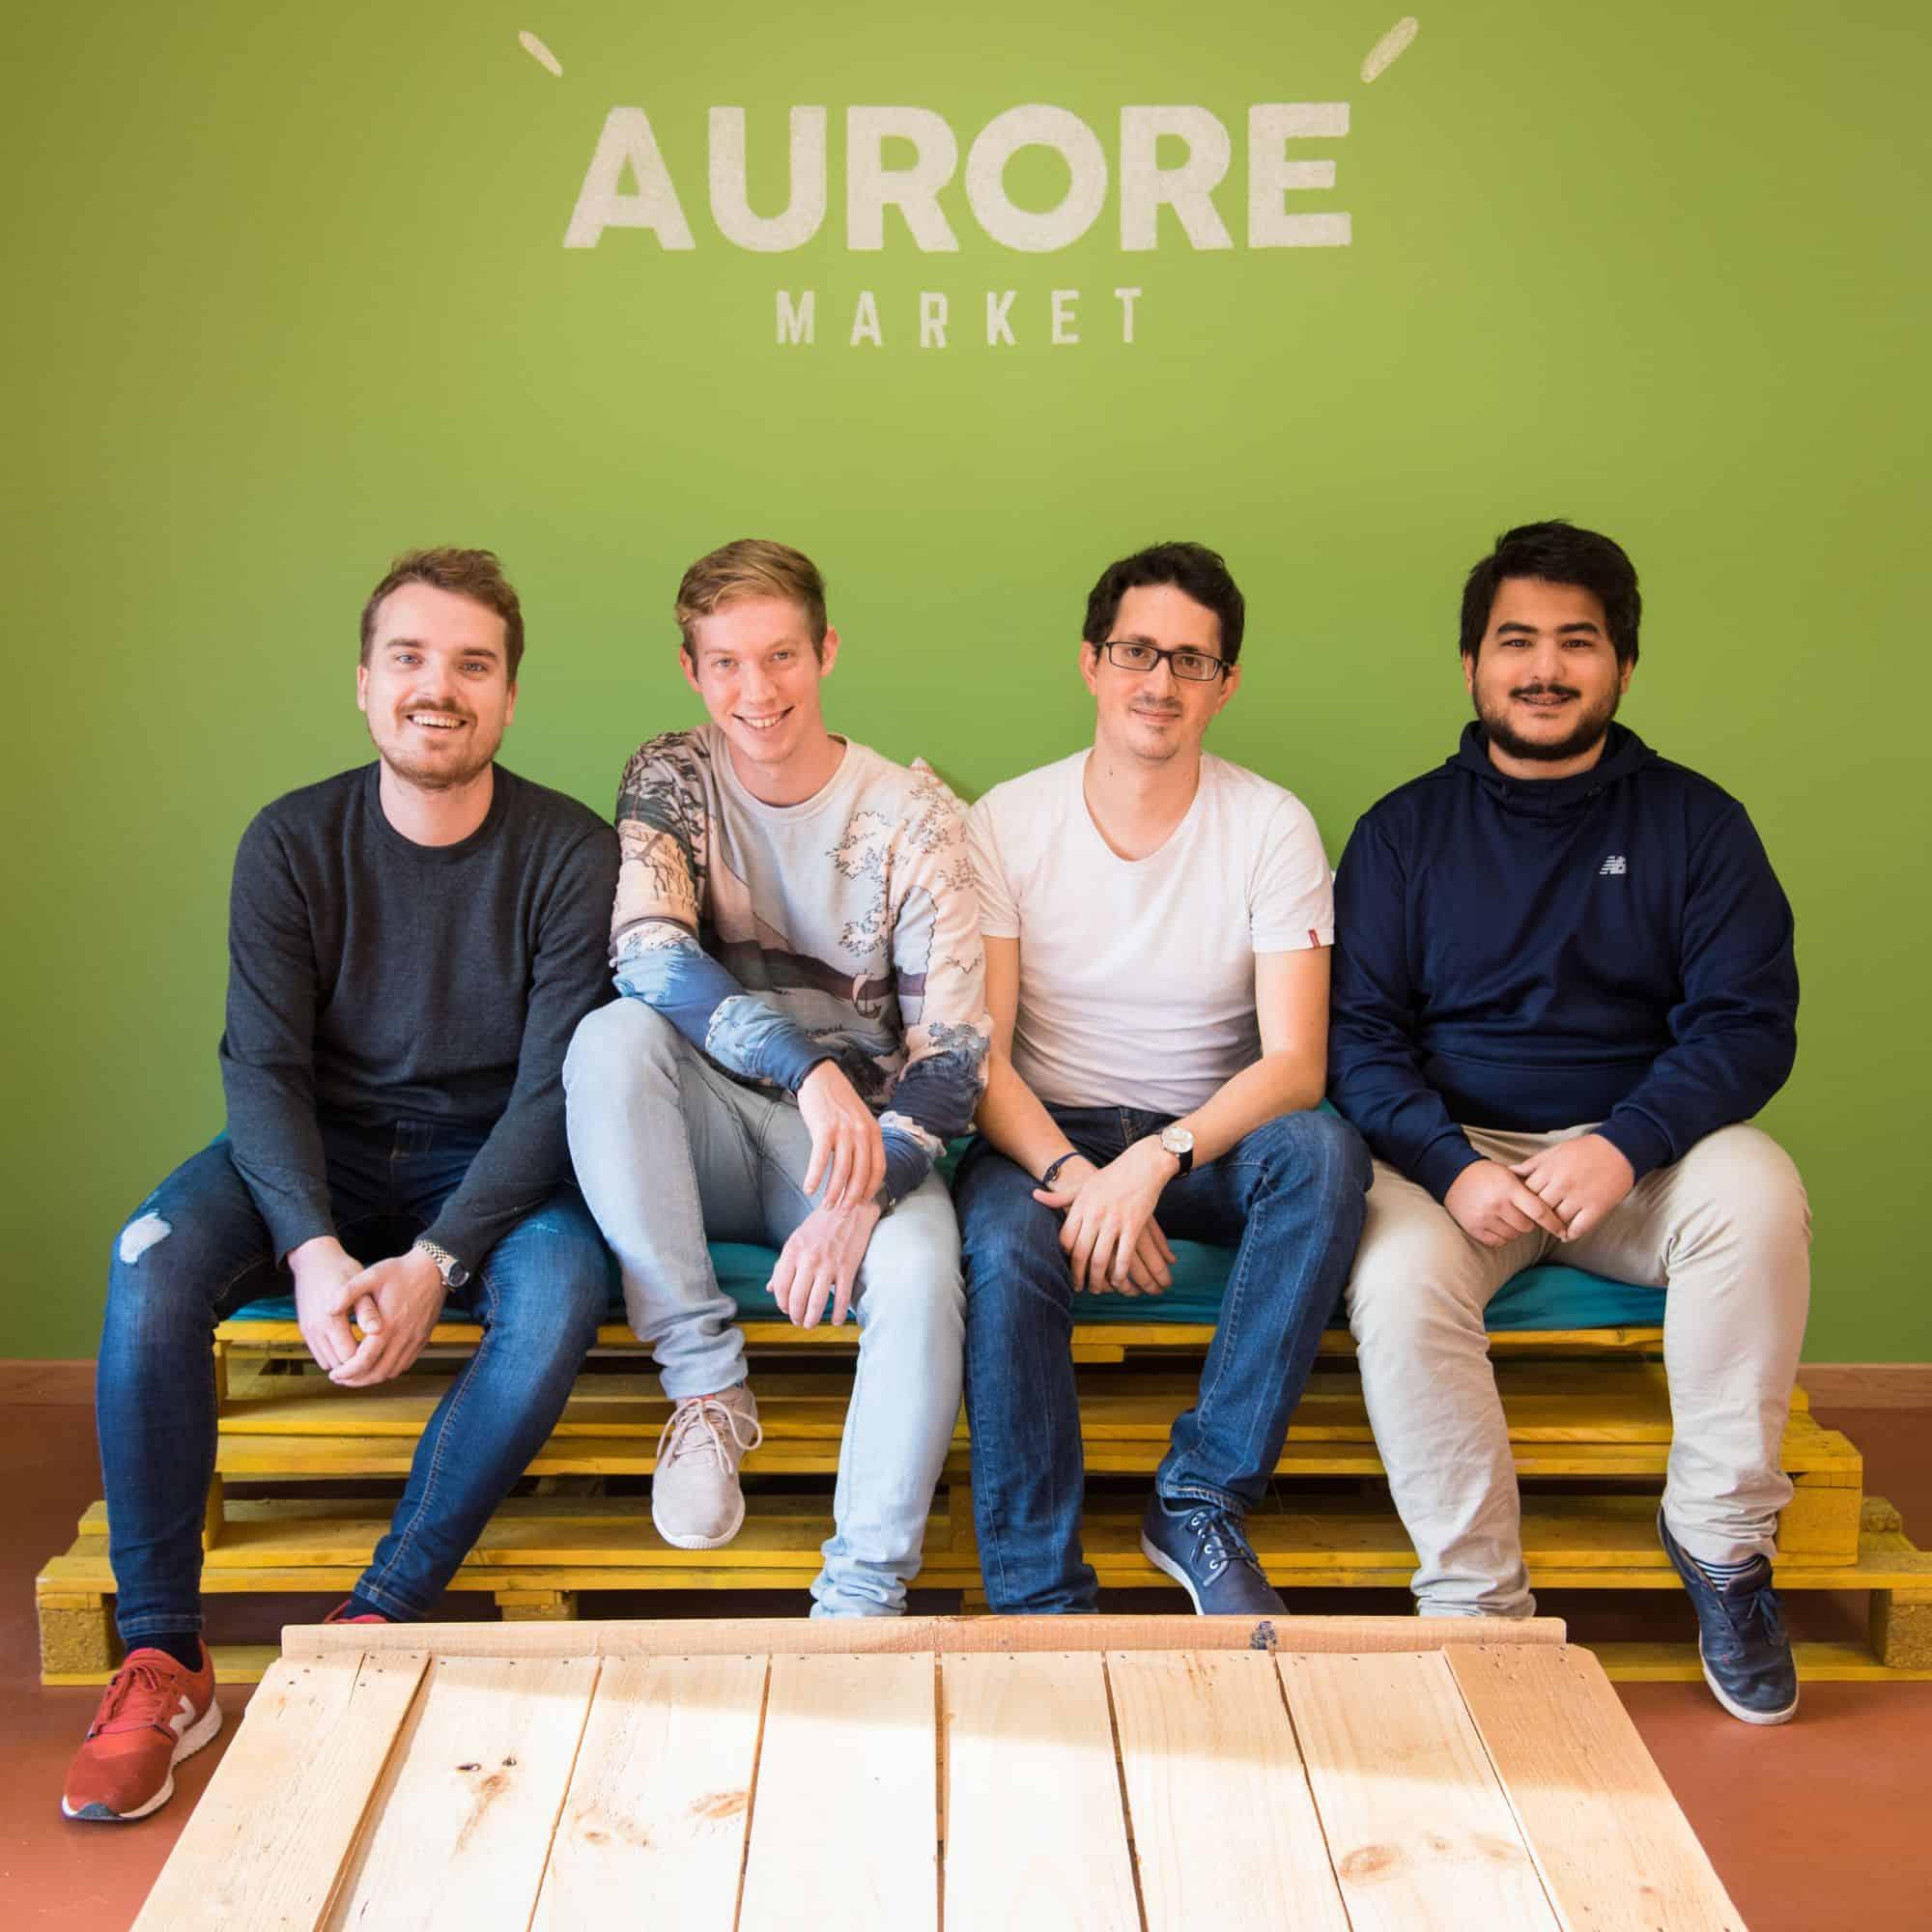 aurore-market-2